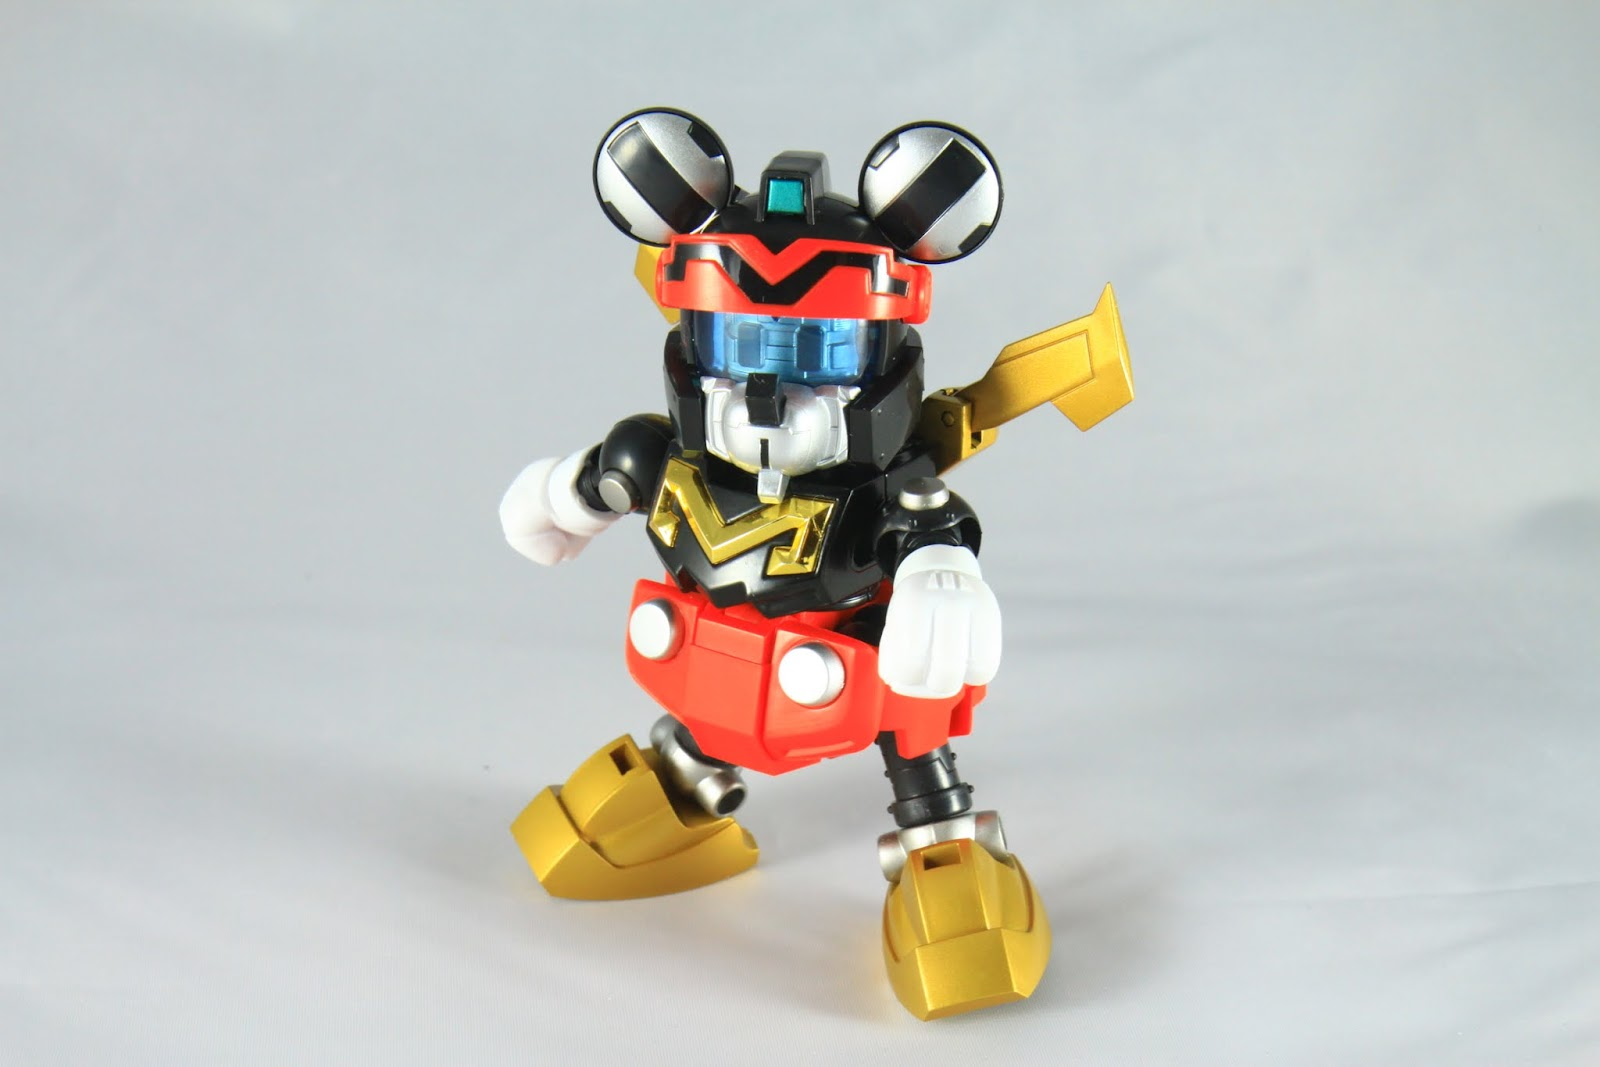 可動性就這樣而已 Jet Mickey還算是可動性高的咧~